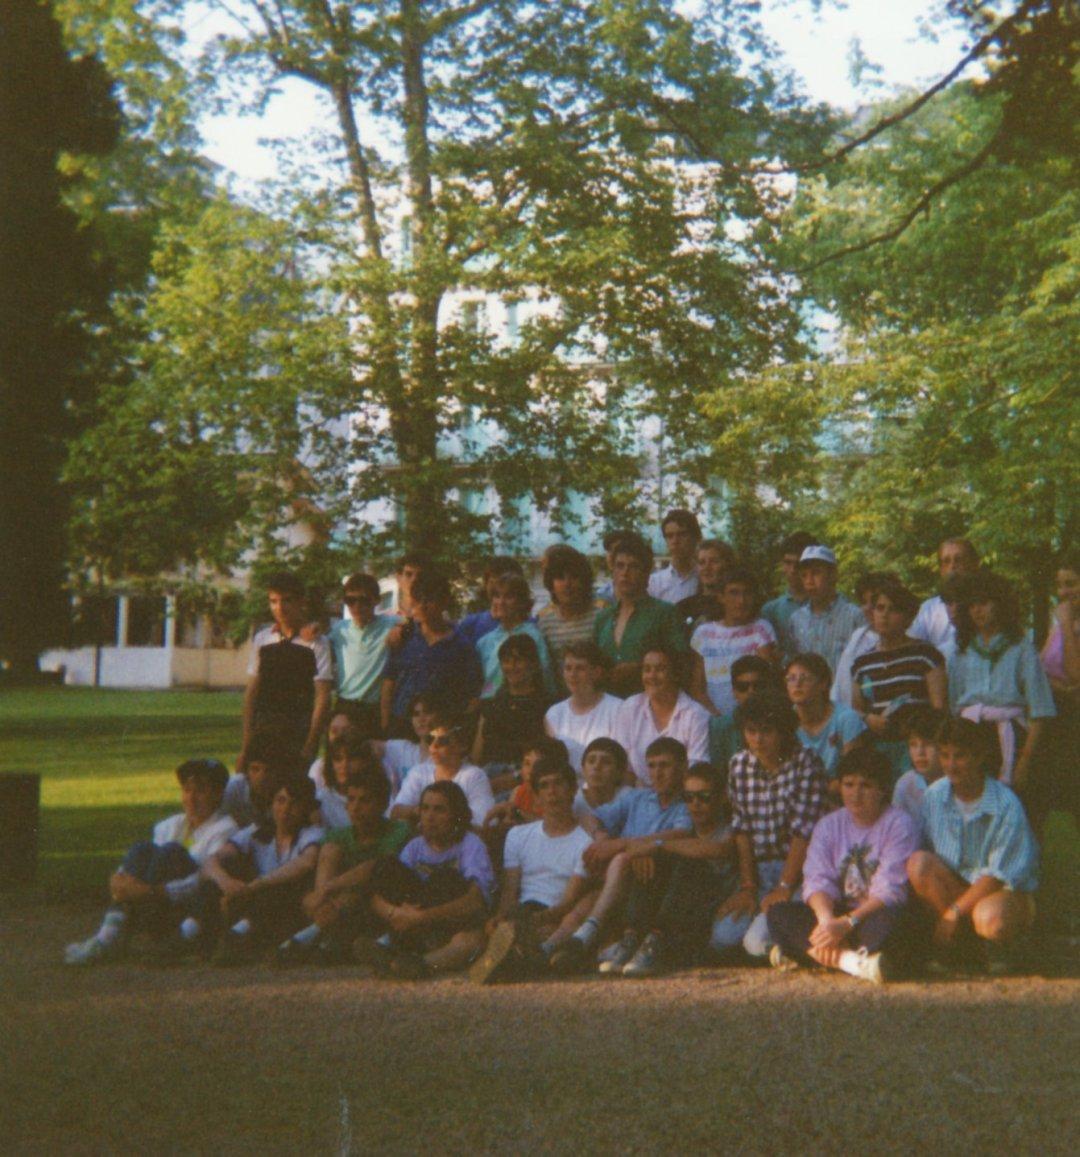 Archives anciens élèves mfr puy-sec 1986 (18)